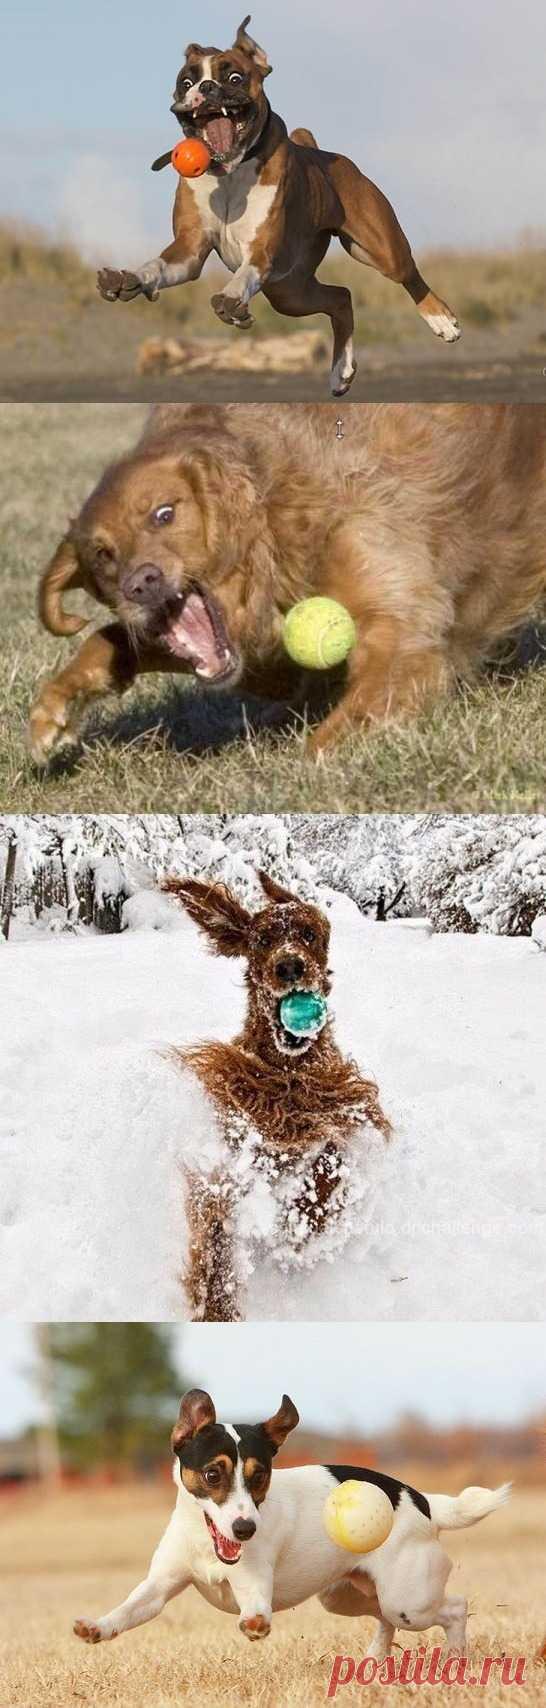 Надо ли играть с собакой и как? По ссылке статья на эту тему